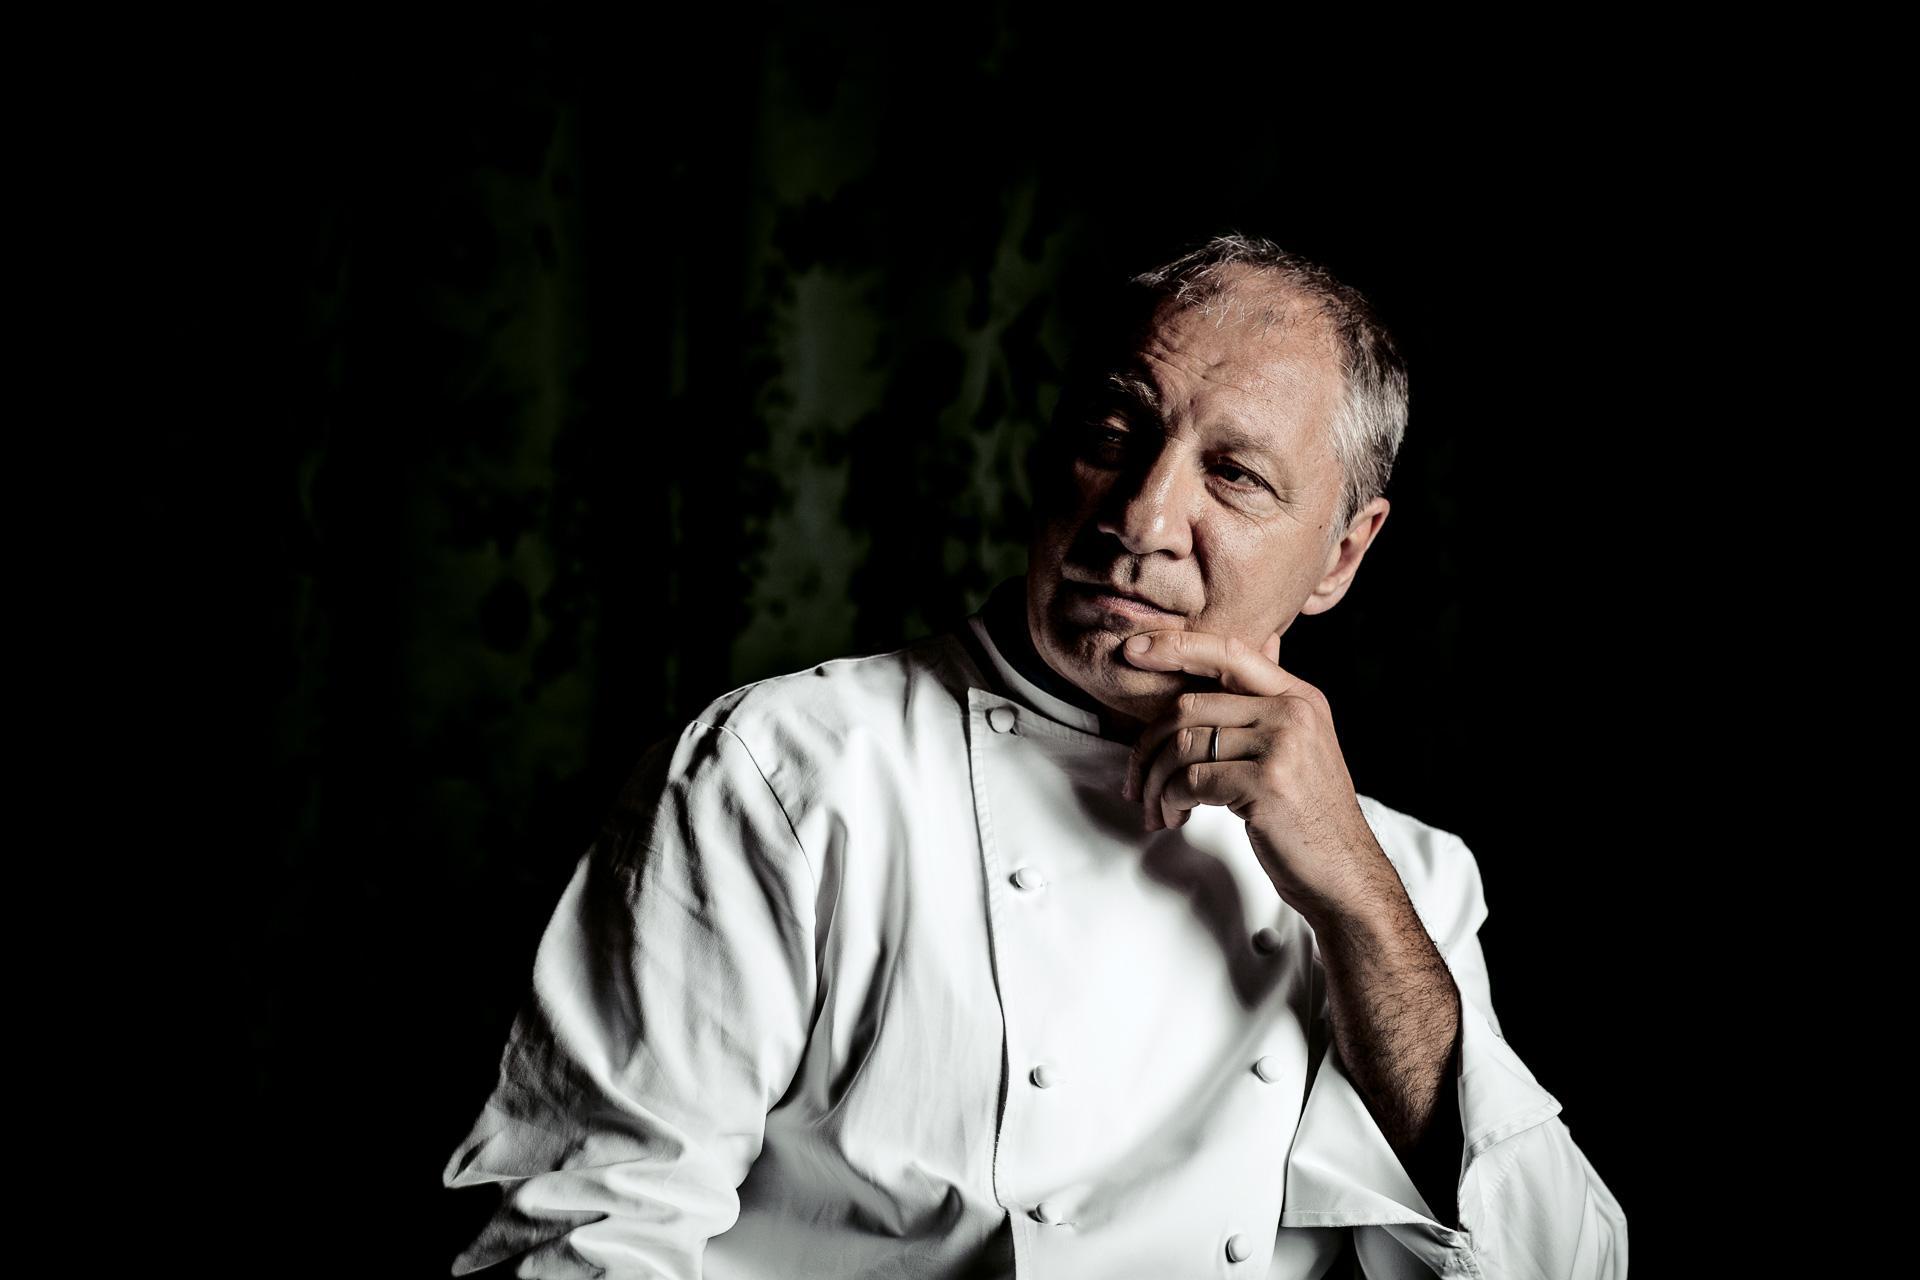 Cette année aura été pour Eric Frechon celle d'un double anniversaire, et pas des moindres, puisqu'il a célébré en 2019 vingt ans dans les cuisines du Bristol et dix ans de trois étoiles Michelin à sa table gastronomique Epicure. Rencontre avec l'un des chefs emblématiques de la haute gastronomie française.